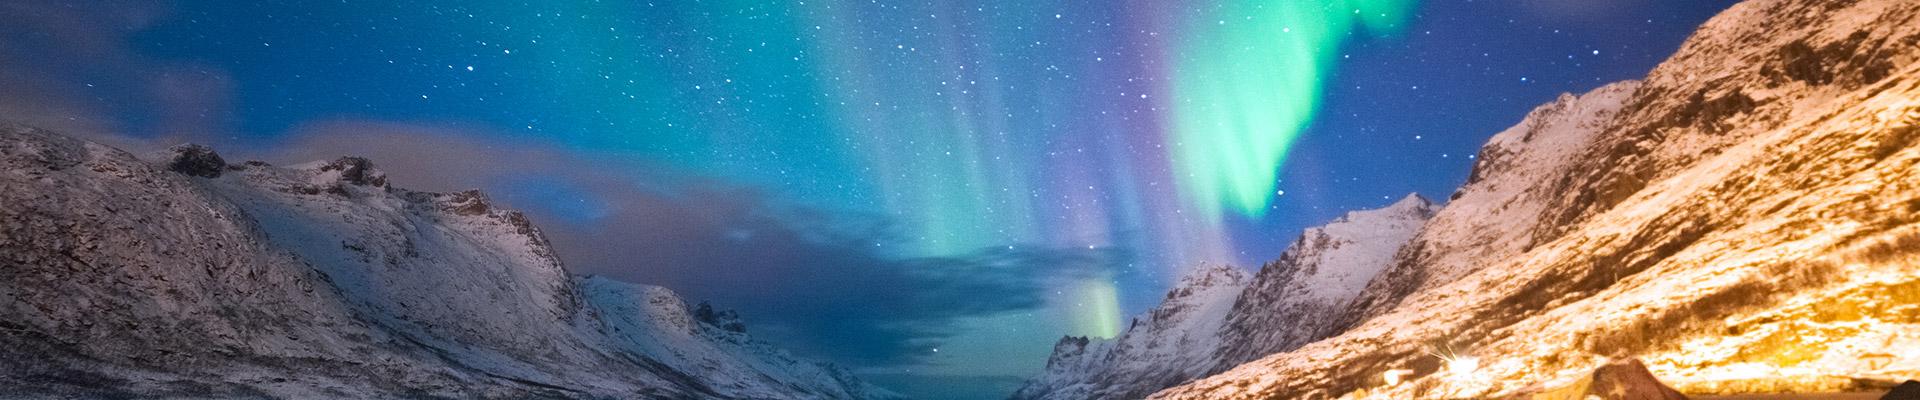 Finlandia: la magia ipnotica dell'aurora boreale